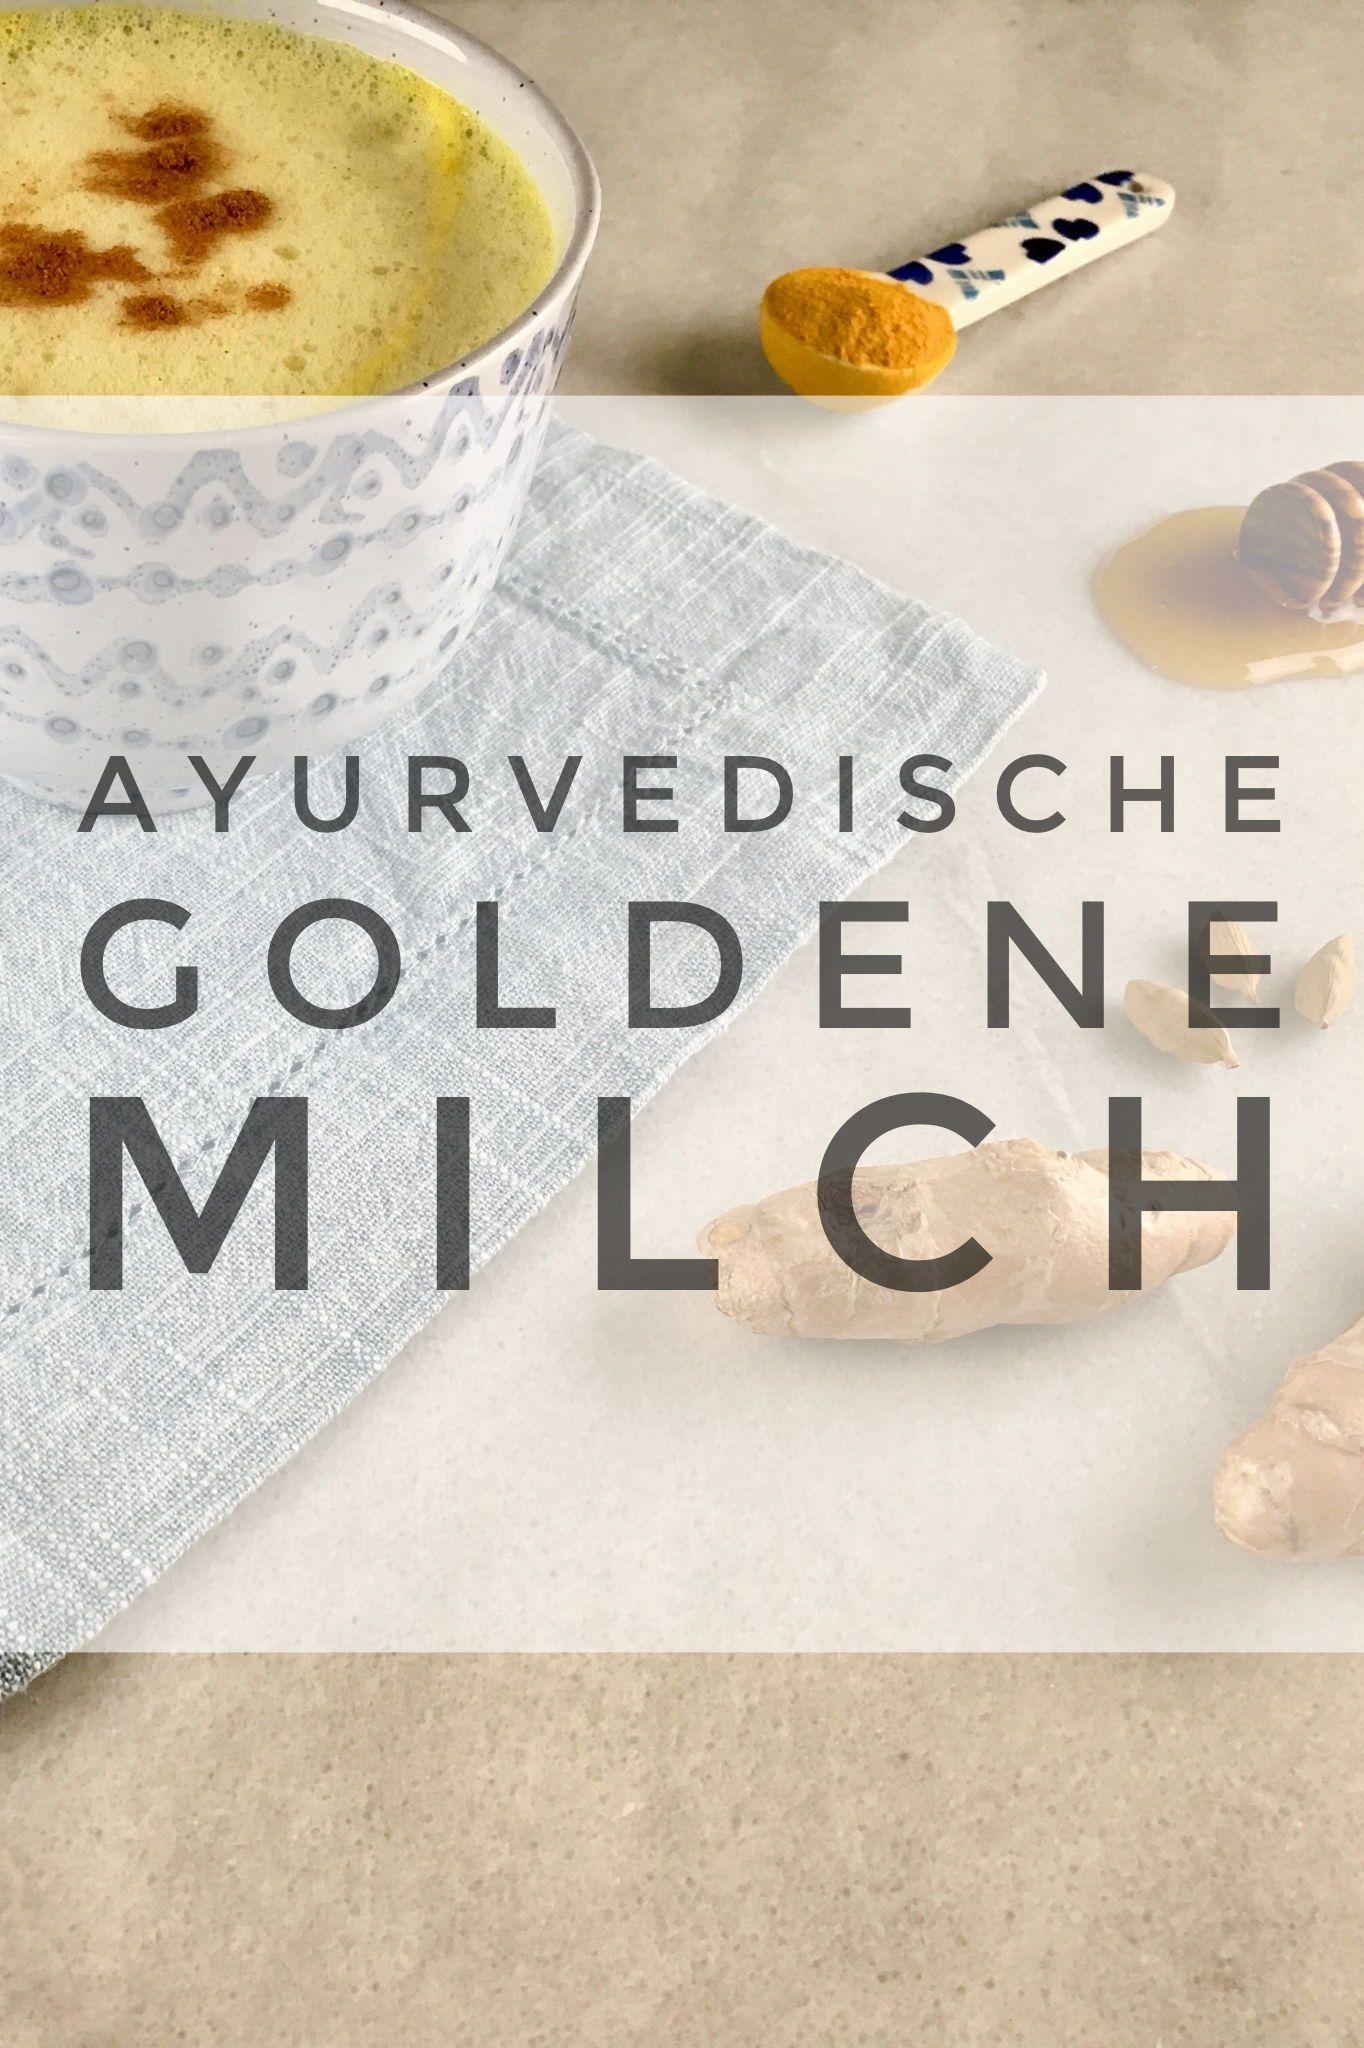 Die Goldene Milch Fur Einen Entspannten Schlaf Schon Unsere Grossmutter Kannten Die Beruhigende Wirkung Einer Warmen Ta Goldene Milch Rezept Goldene Milch Milch